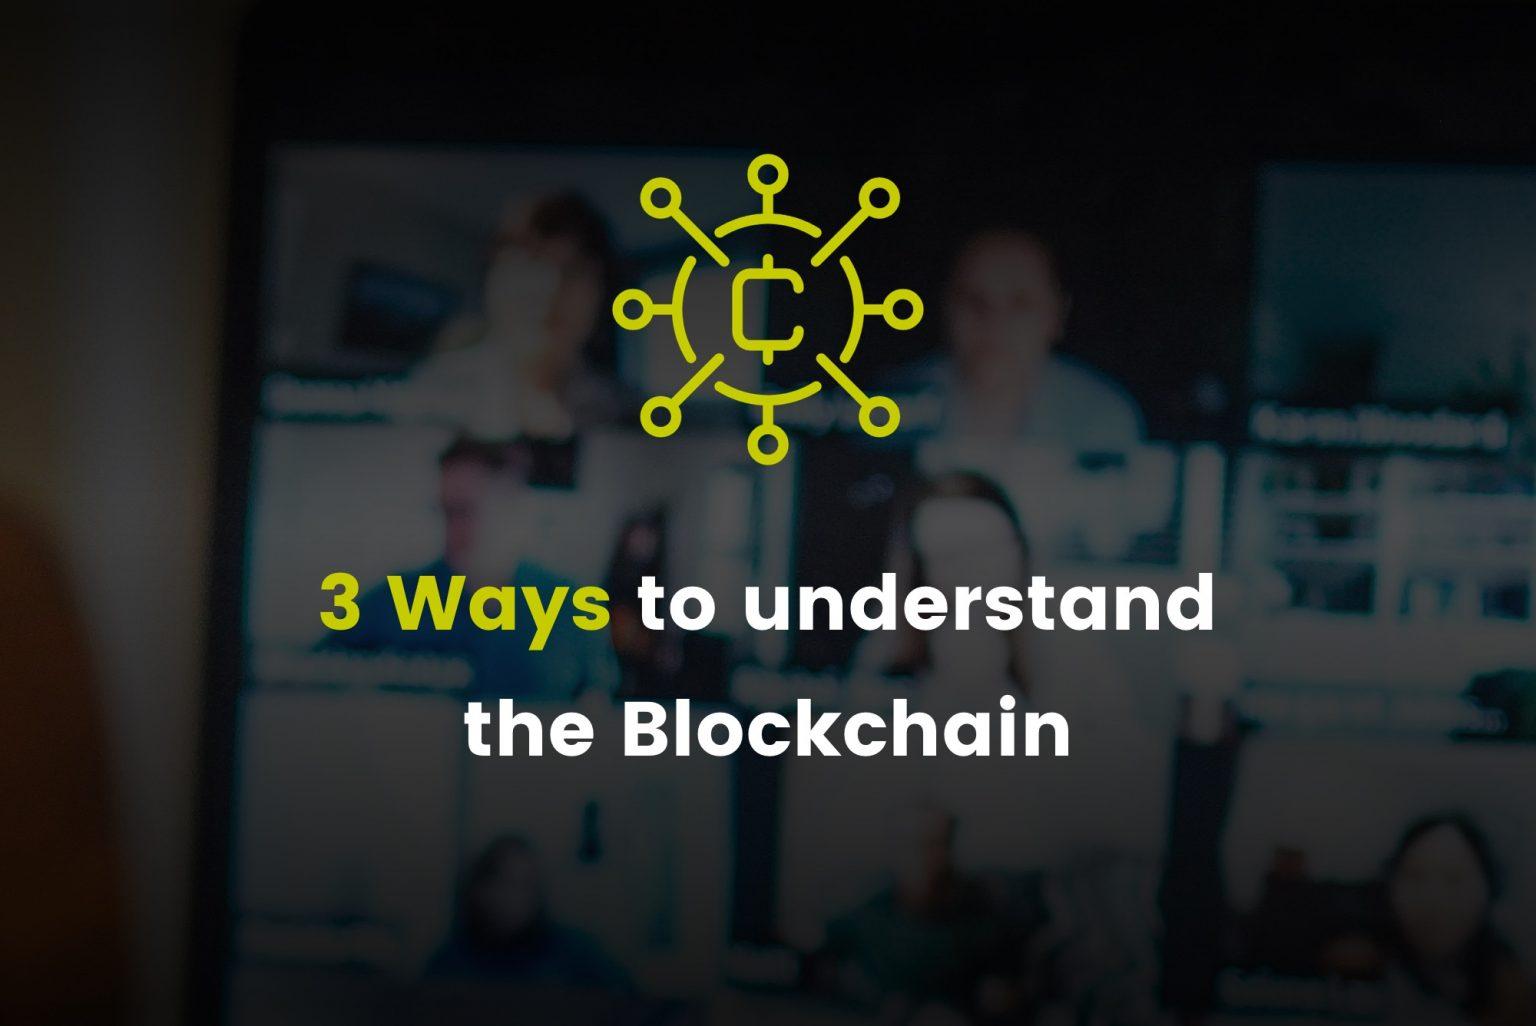 3 Ways to understand the Blockchain